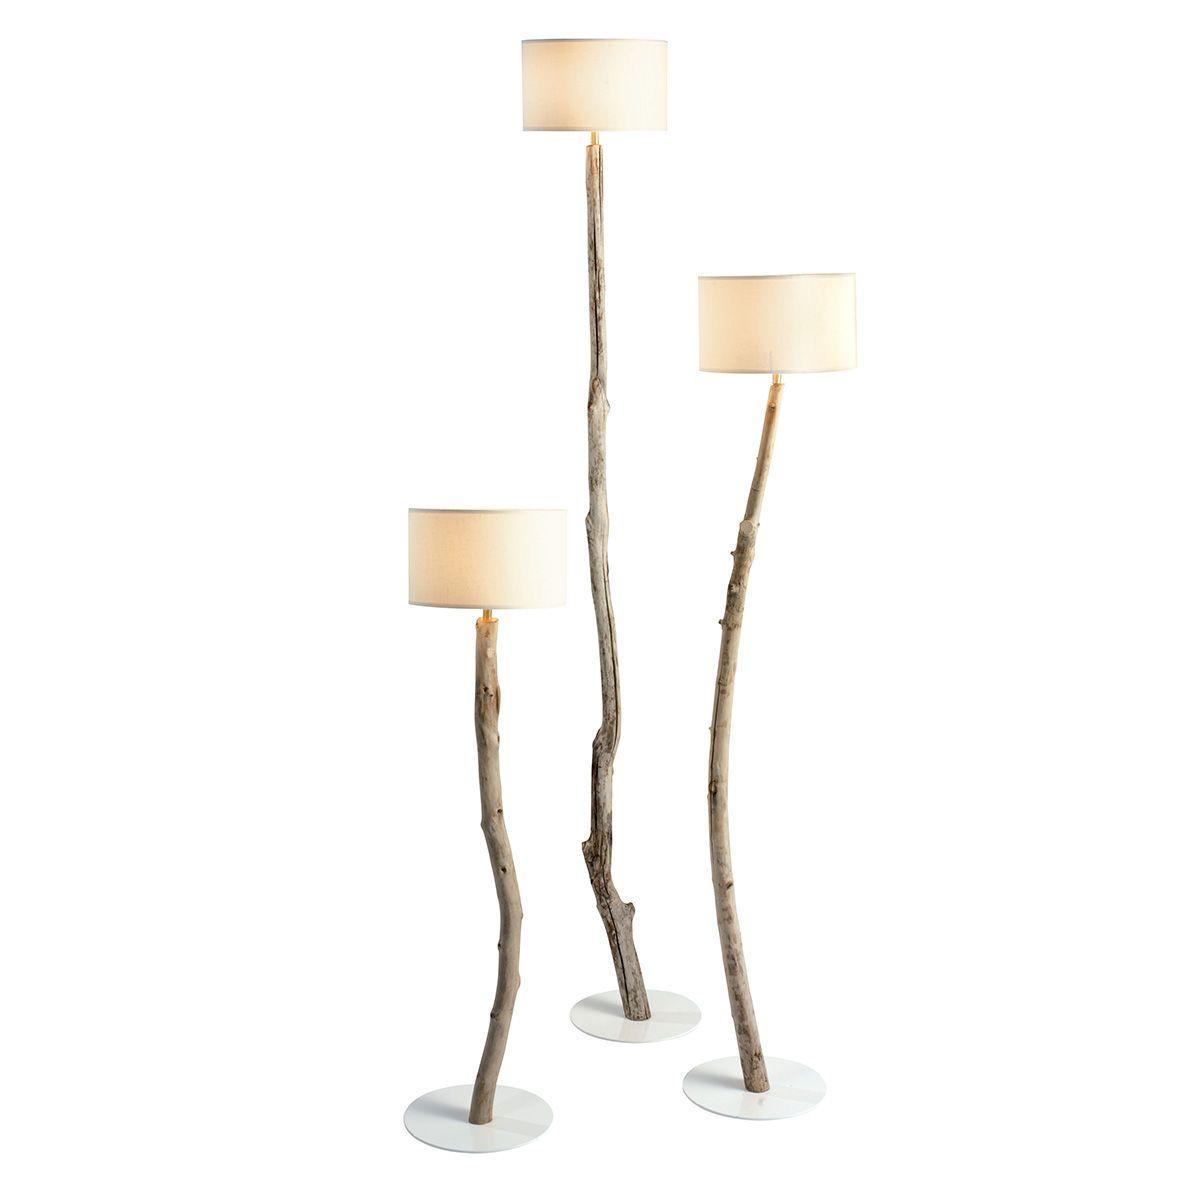 Stehende Lampe / originelles Design / für Innenbereich / Baumwolle